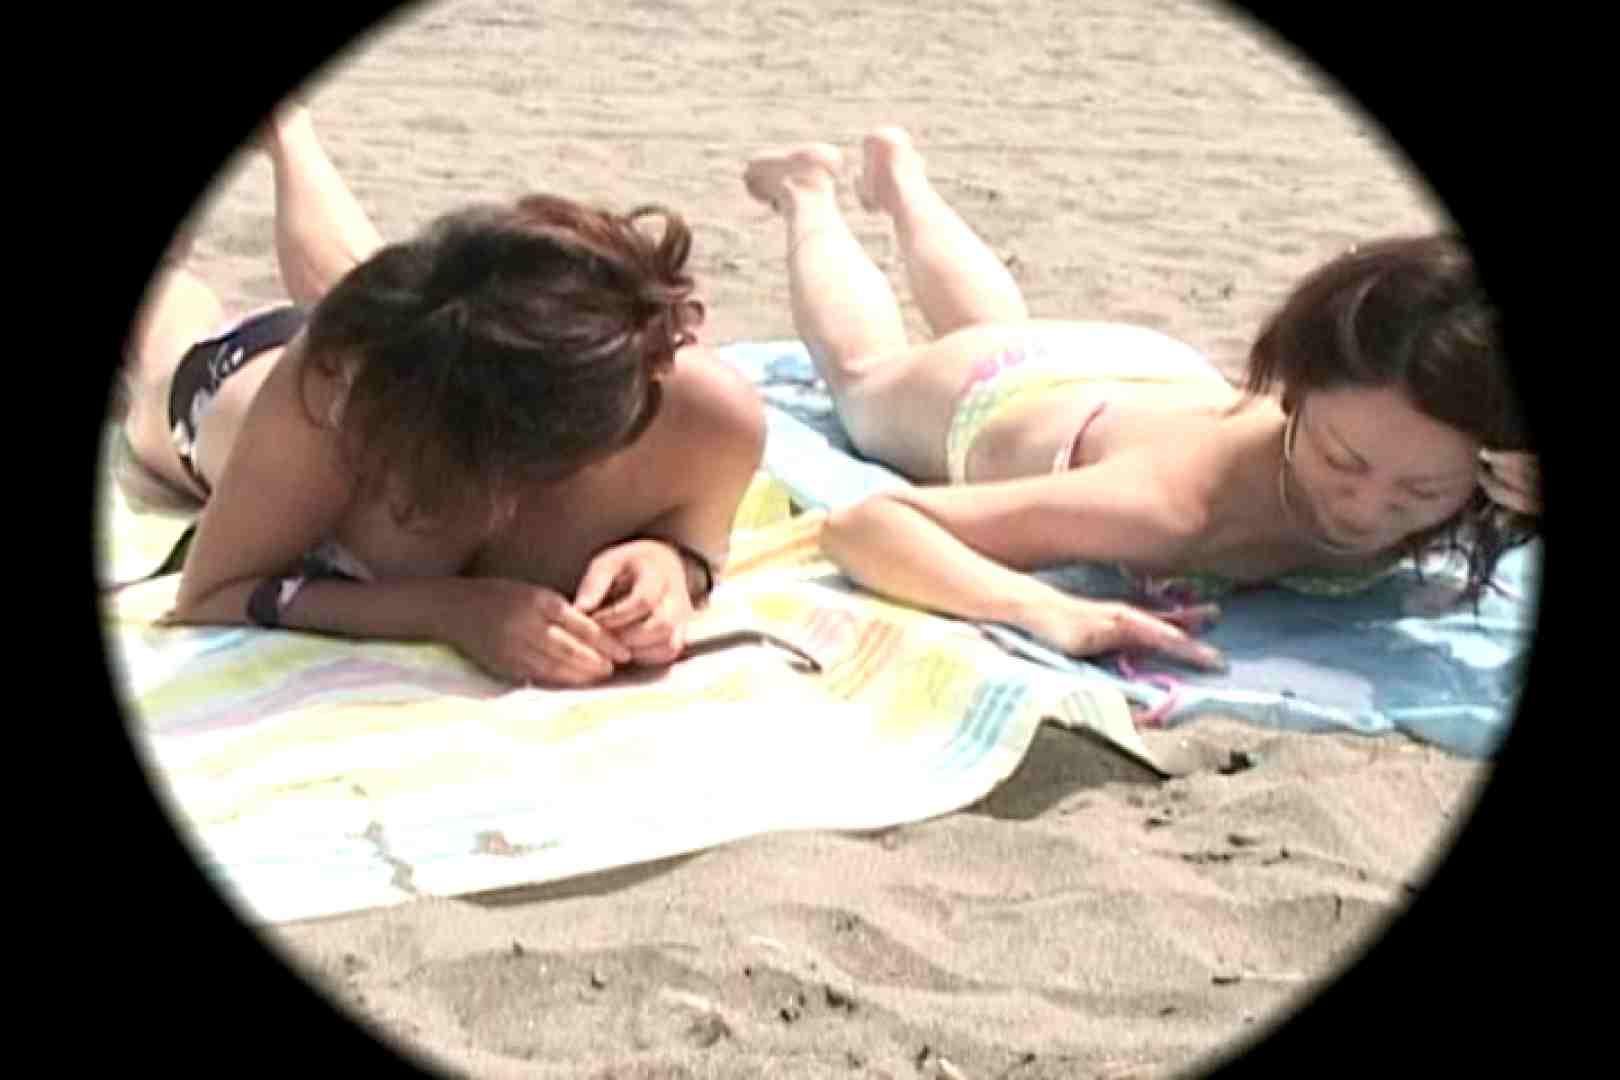 ビーチで発見!!はしゃぎ過ぎポロリギャルVol.5 ロリ セックス無修正動画無料 104pic 47